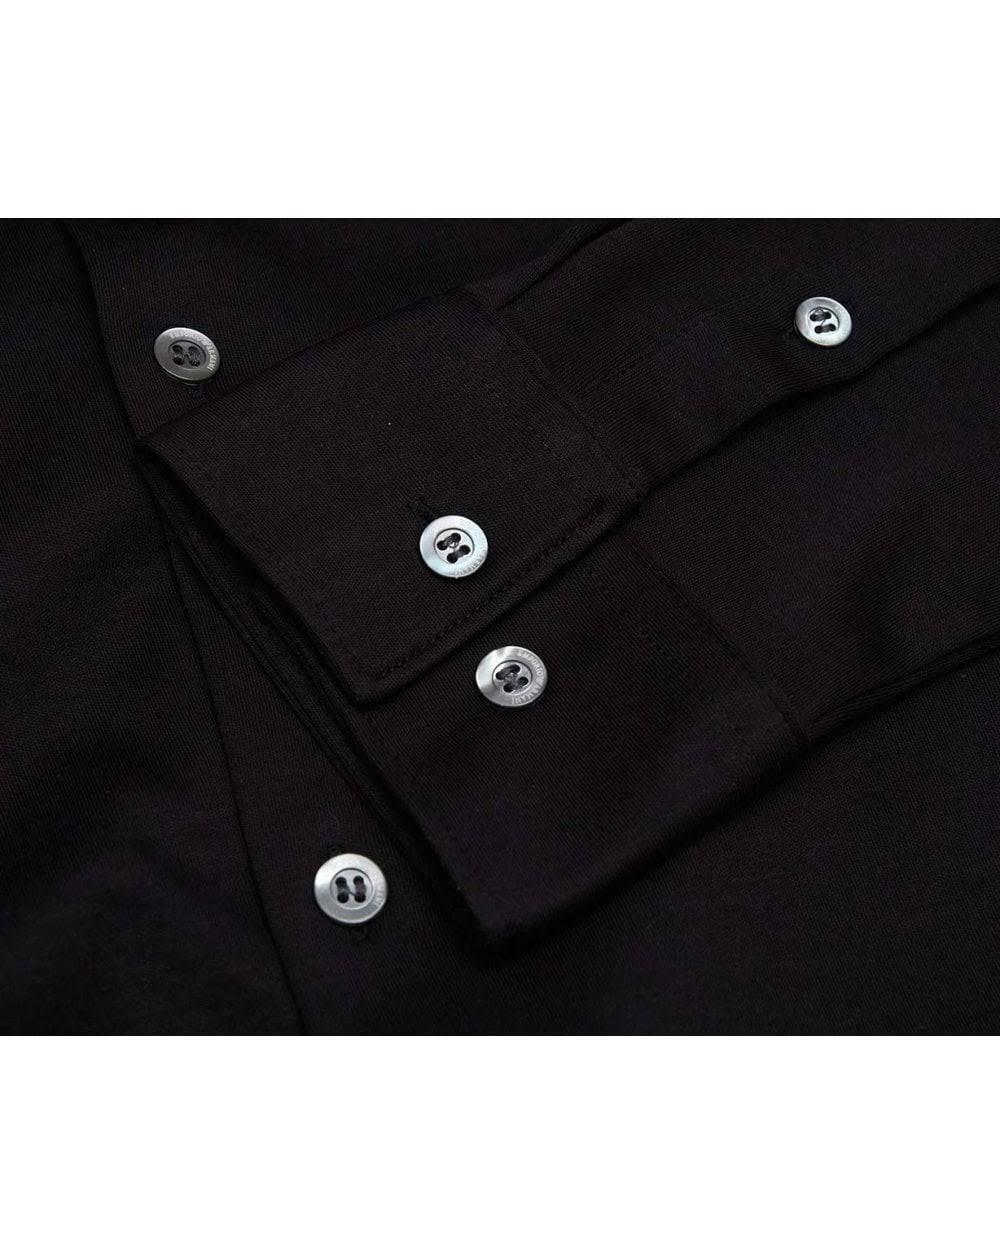 Business L Mit Armani Kragen Emporio Schwarz Hemd 8n1ch6 reguläres 1jprz RUnqw